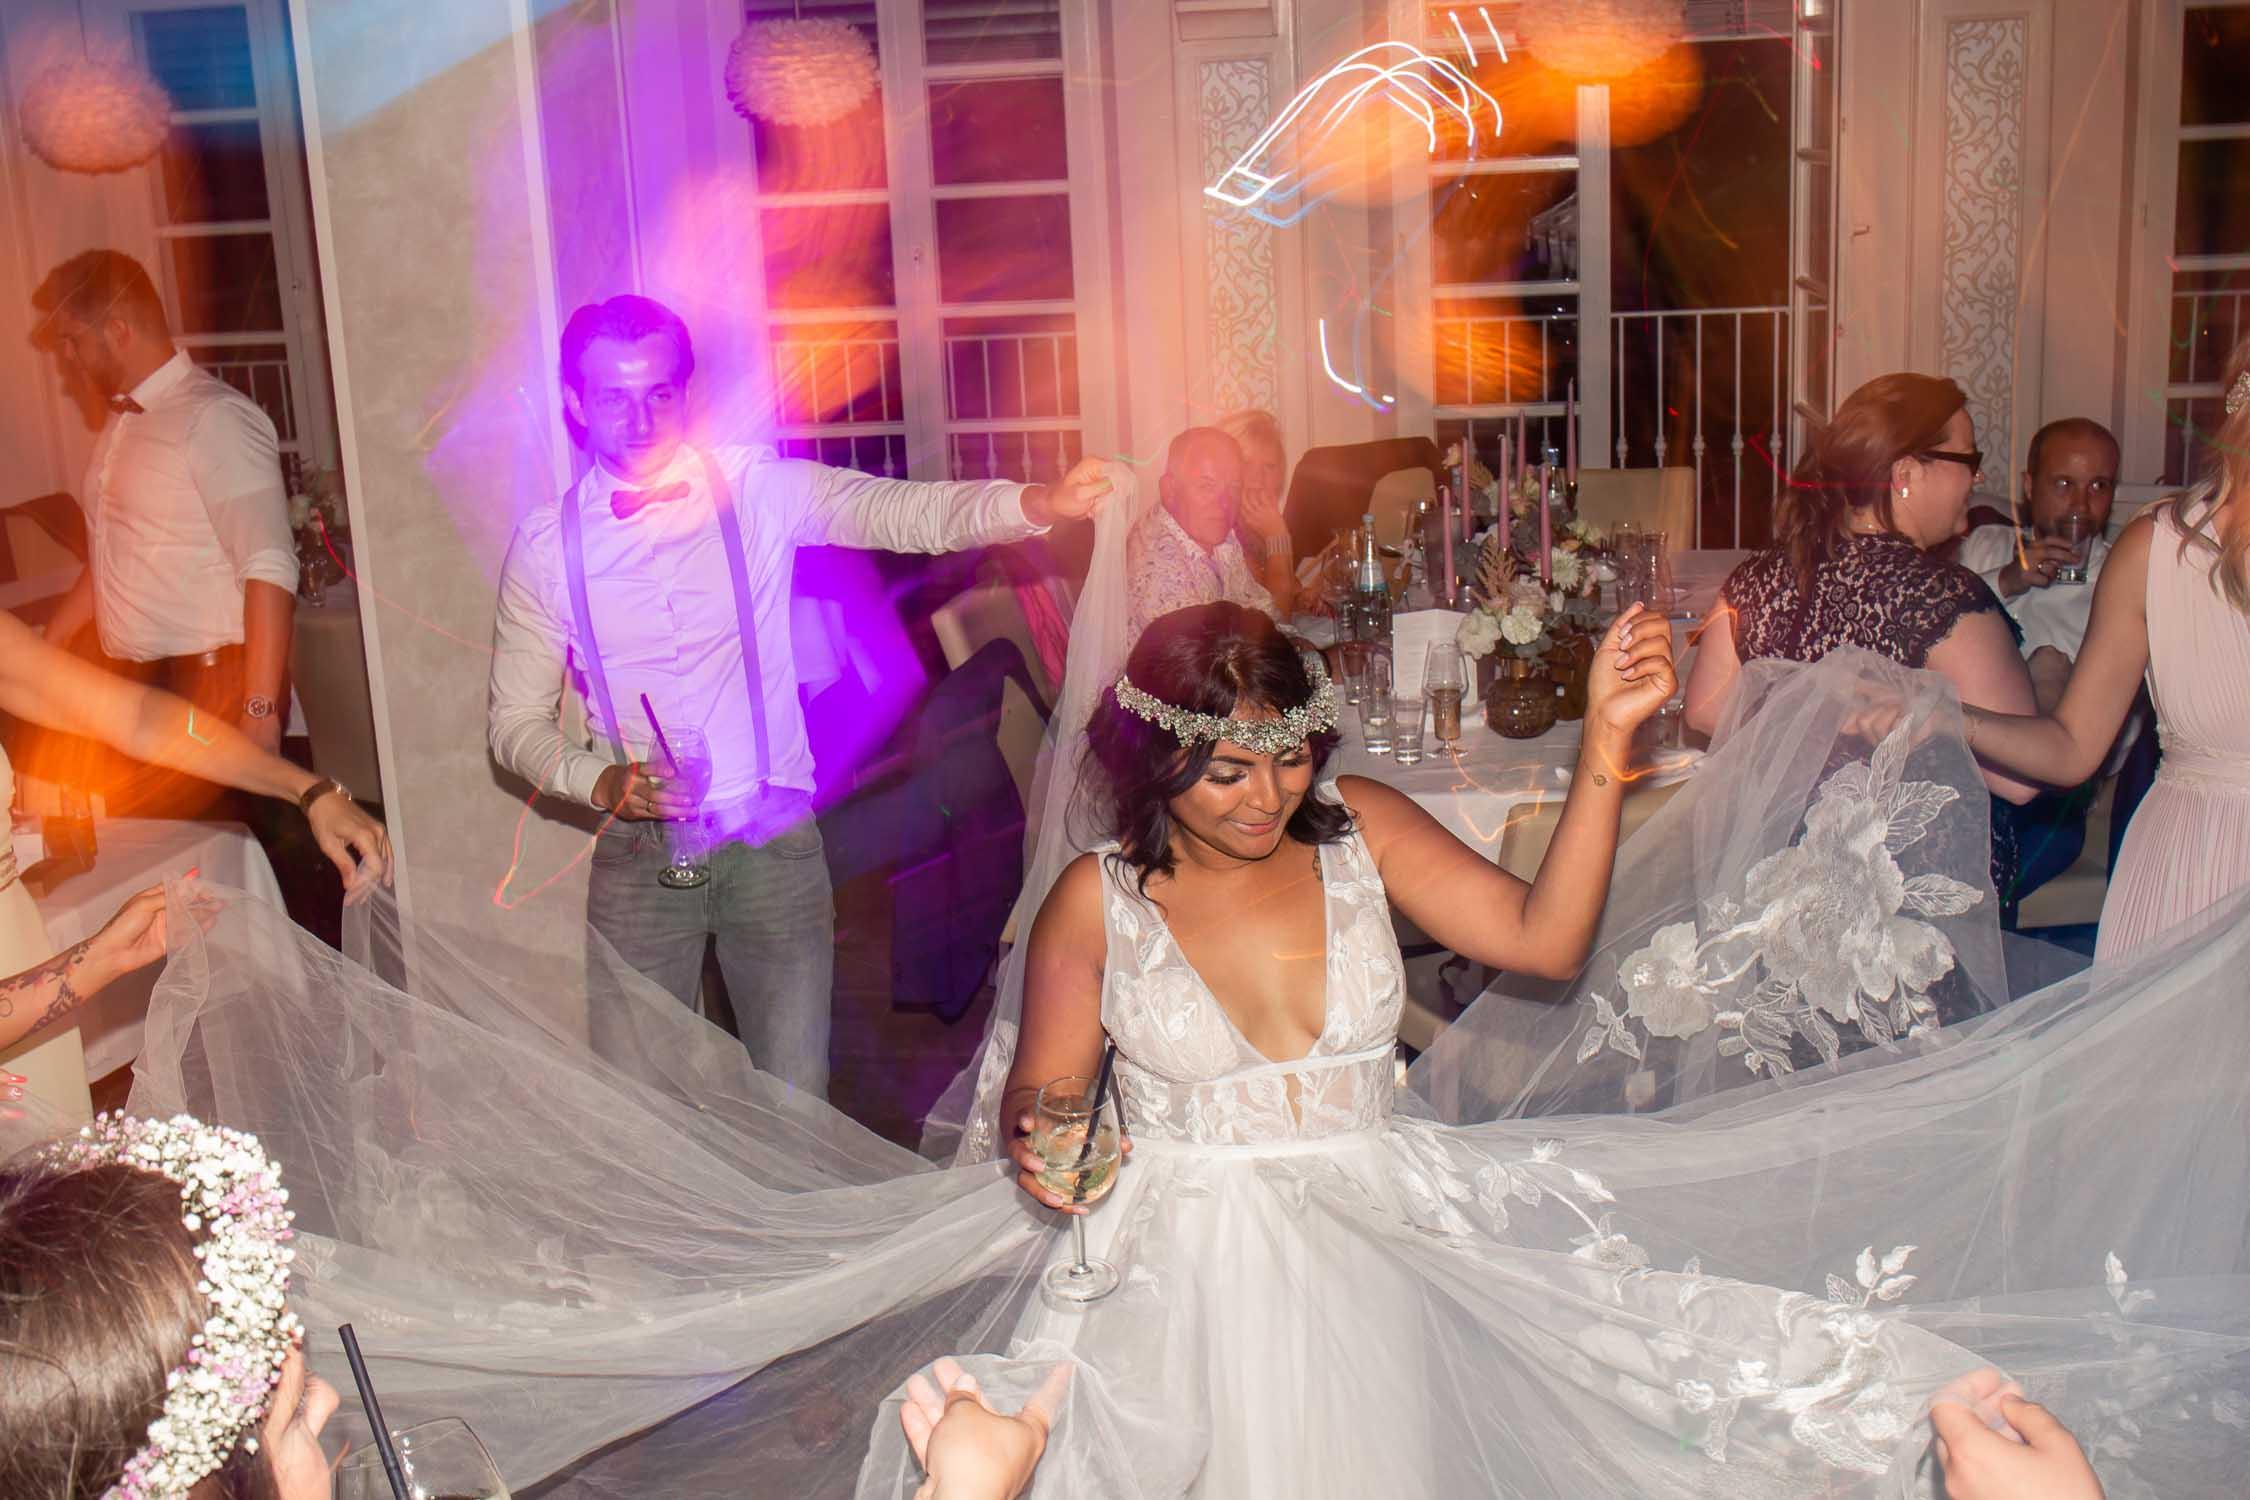 Authentische Hochzeitsfotografie Hochzeitsfotograf Koeln Andre Bastos Fotoggrafie 47 min – gesehen bei frauimmer-herrewig.de